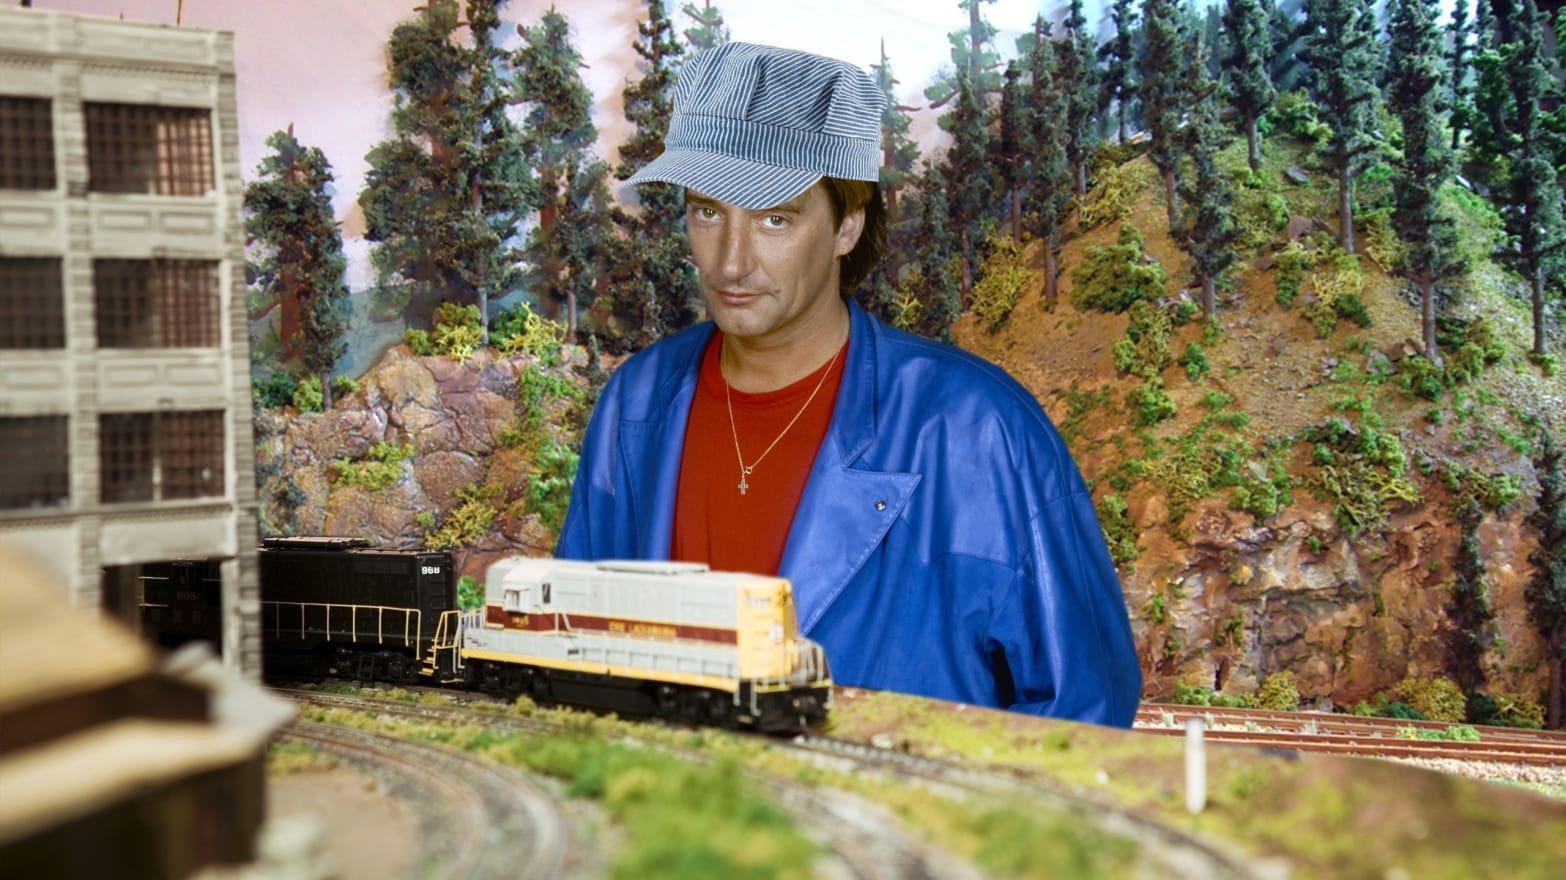 Model train articles